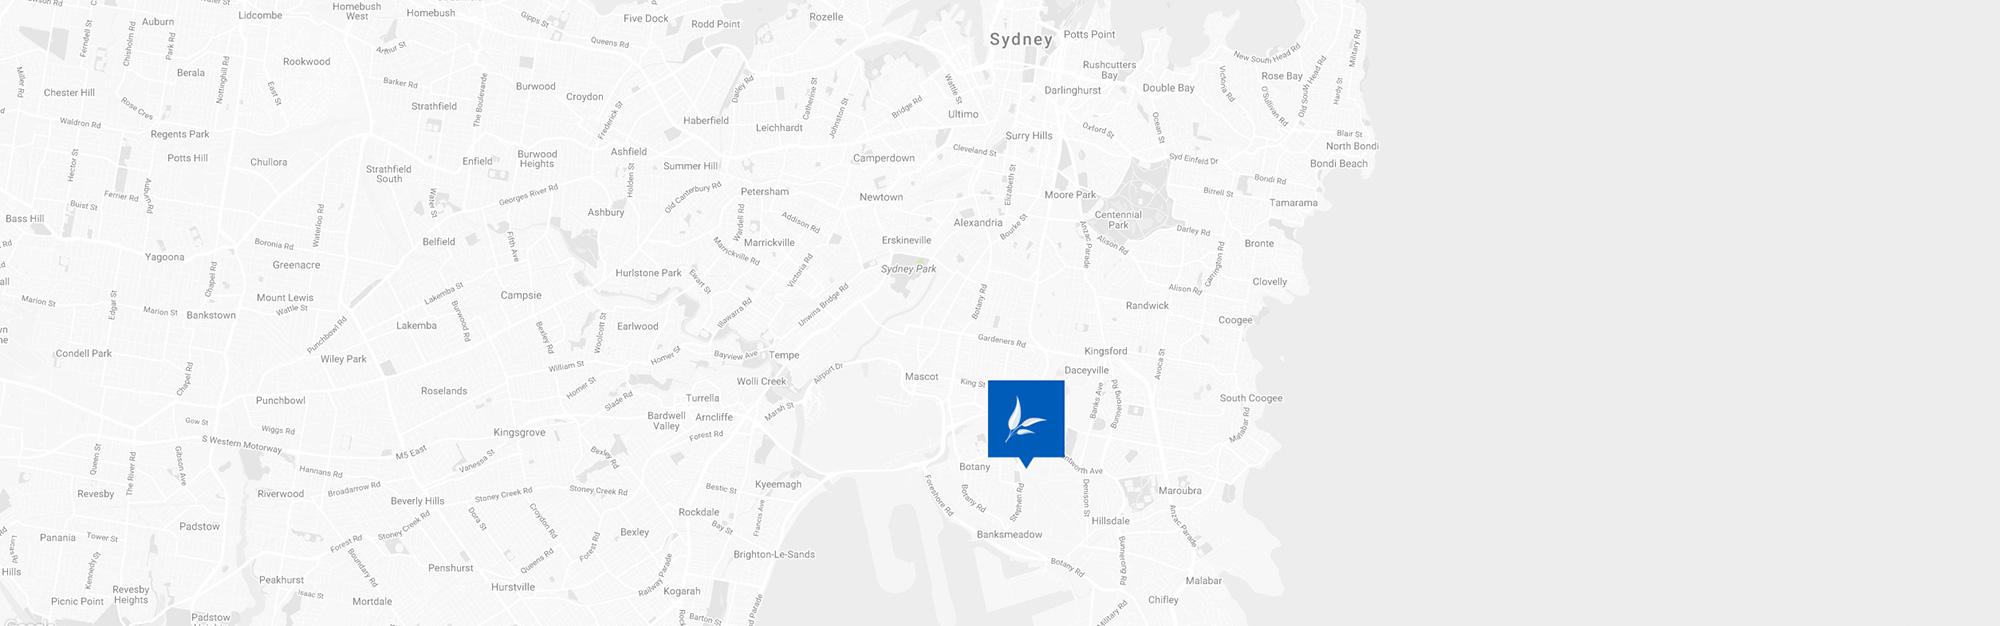 bluegum-map